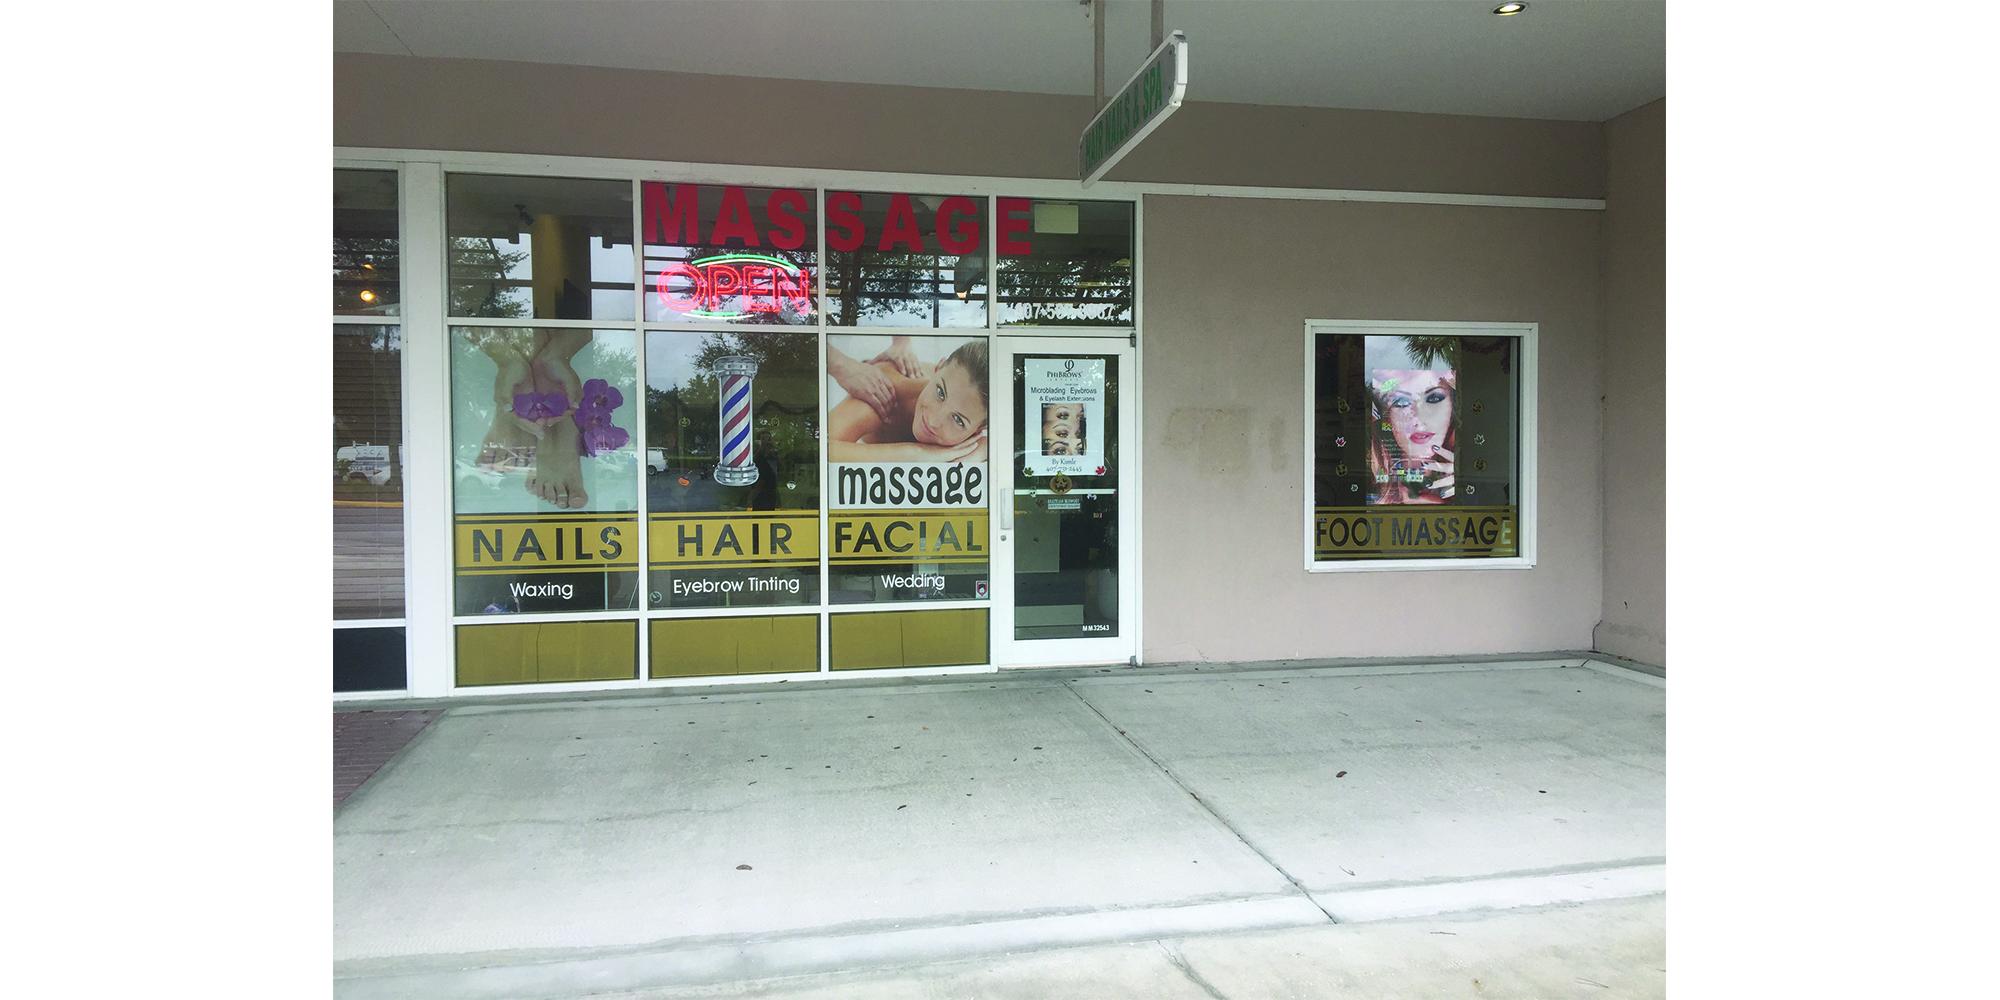 nail salon near disney world |